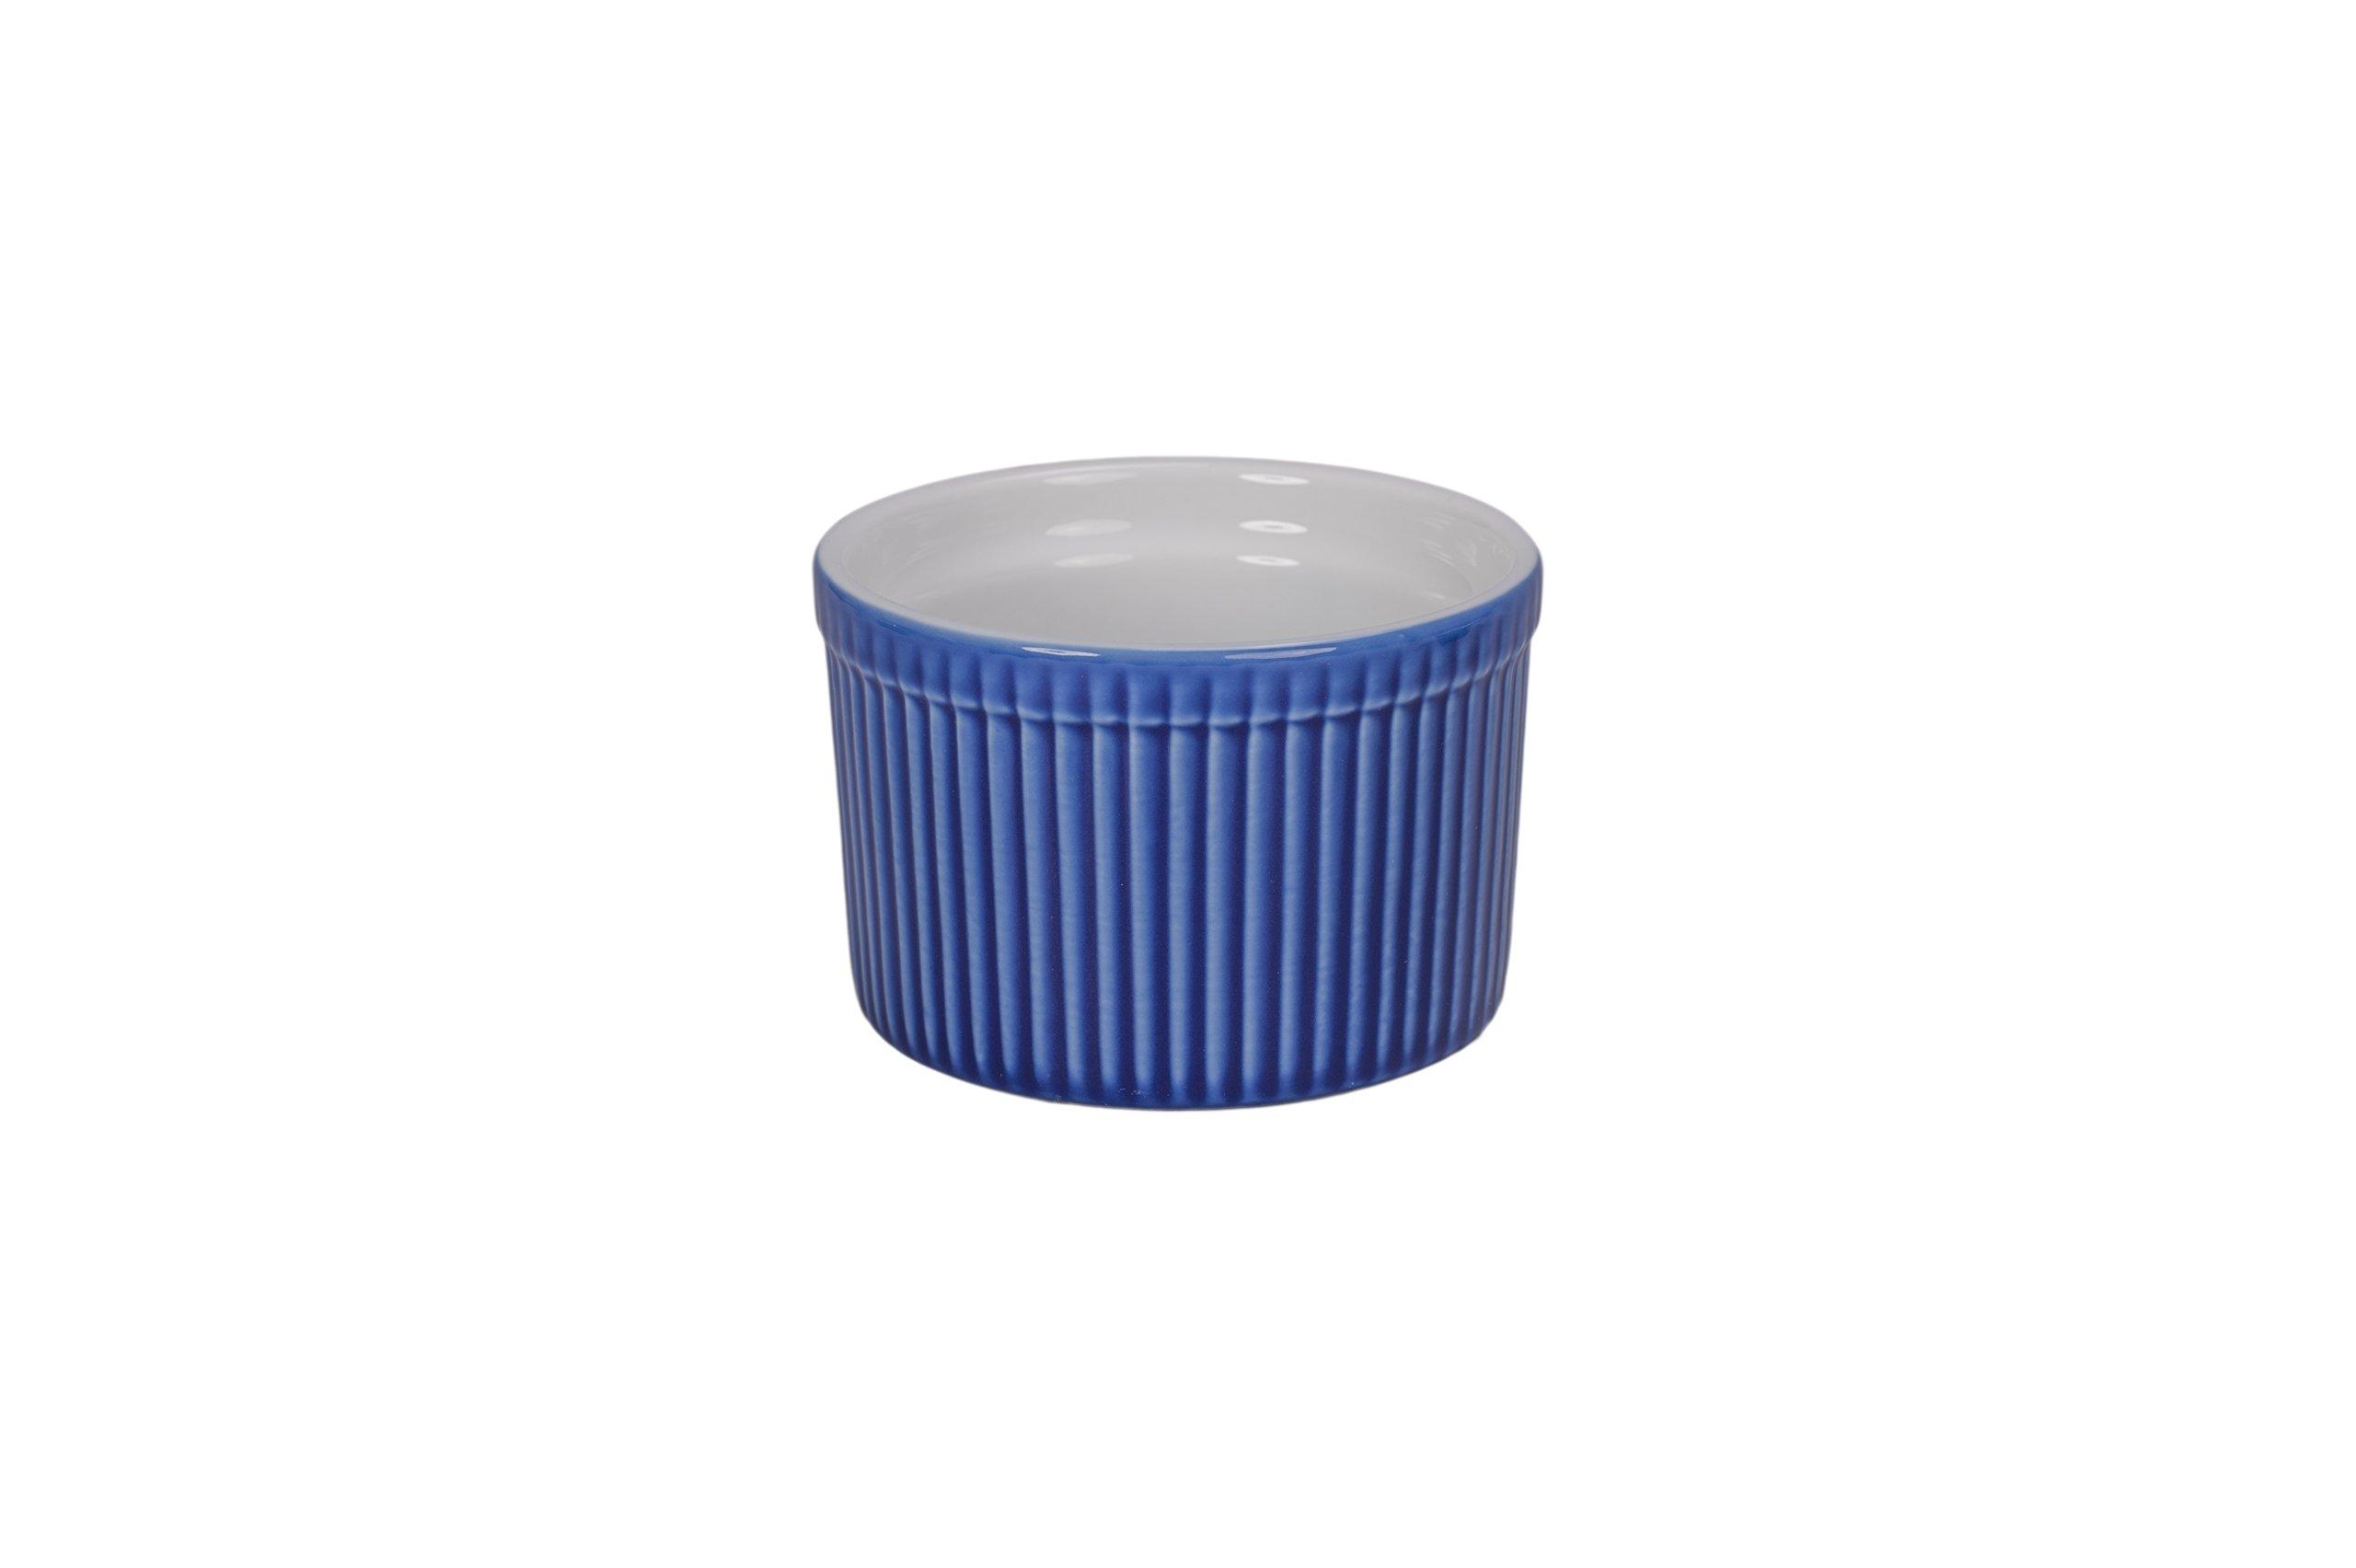 BIA Cordon Bleu 900021+3091S2SIOC Bakeware Souffle Dish, Blue/White